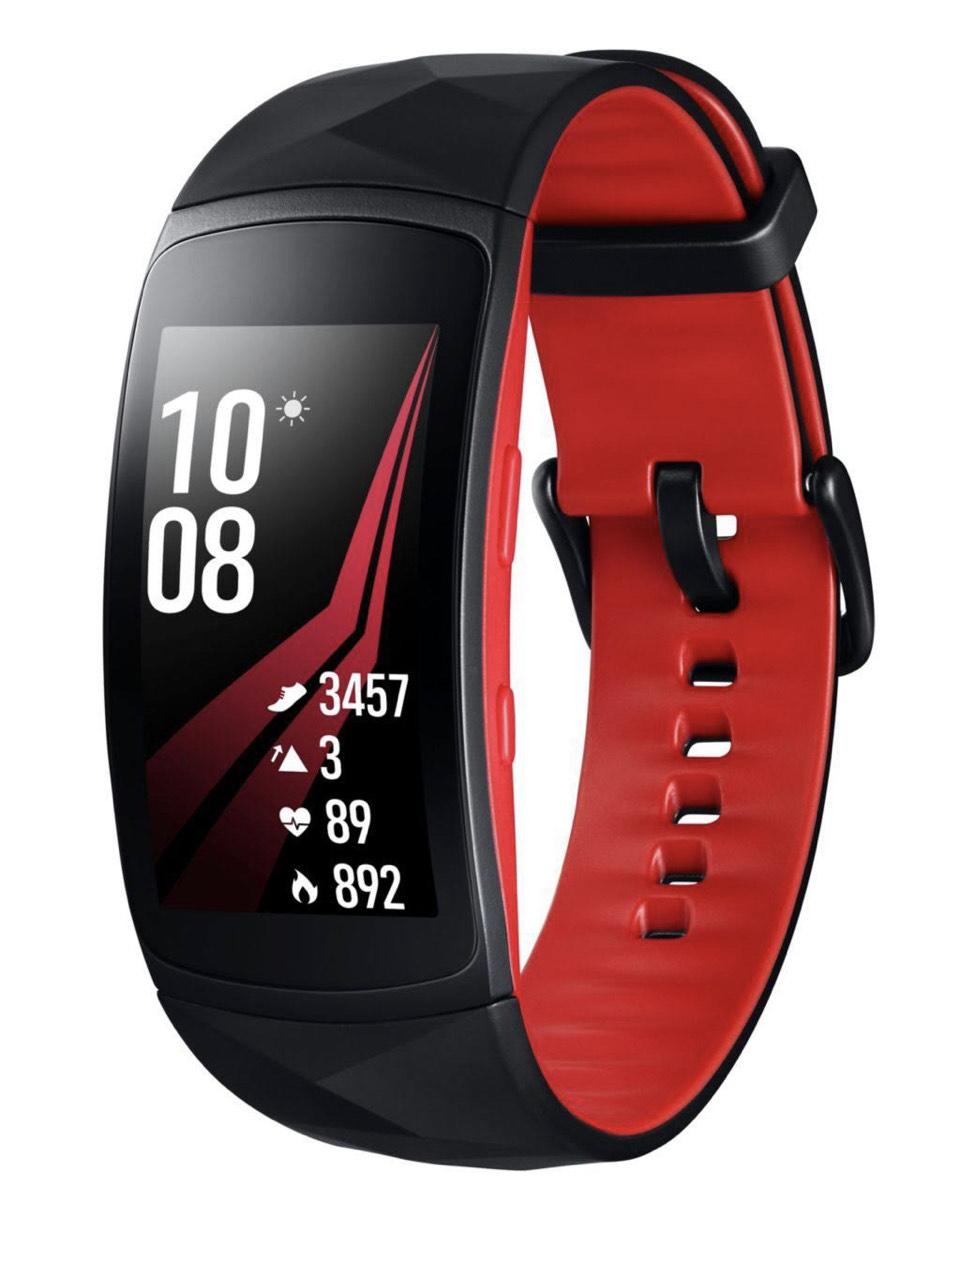 Bracelet connecté Samsung Gear Fit 2 Pro - Taille L (Romans-sur-Isère 26)